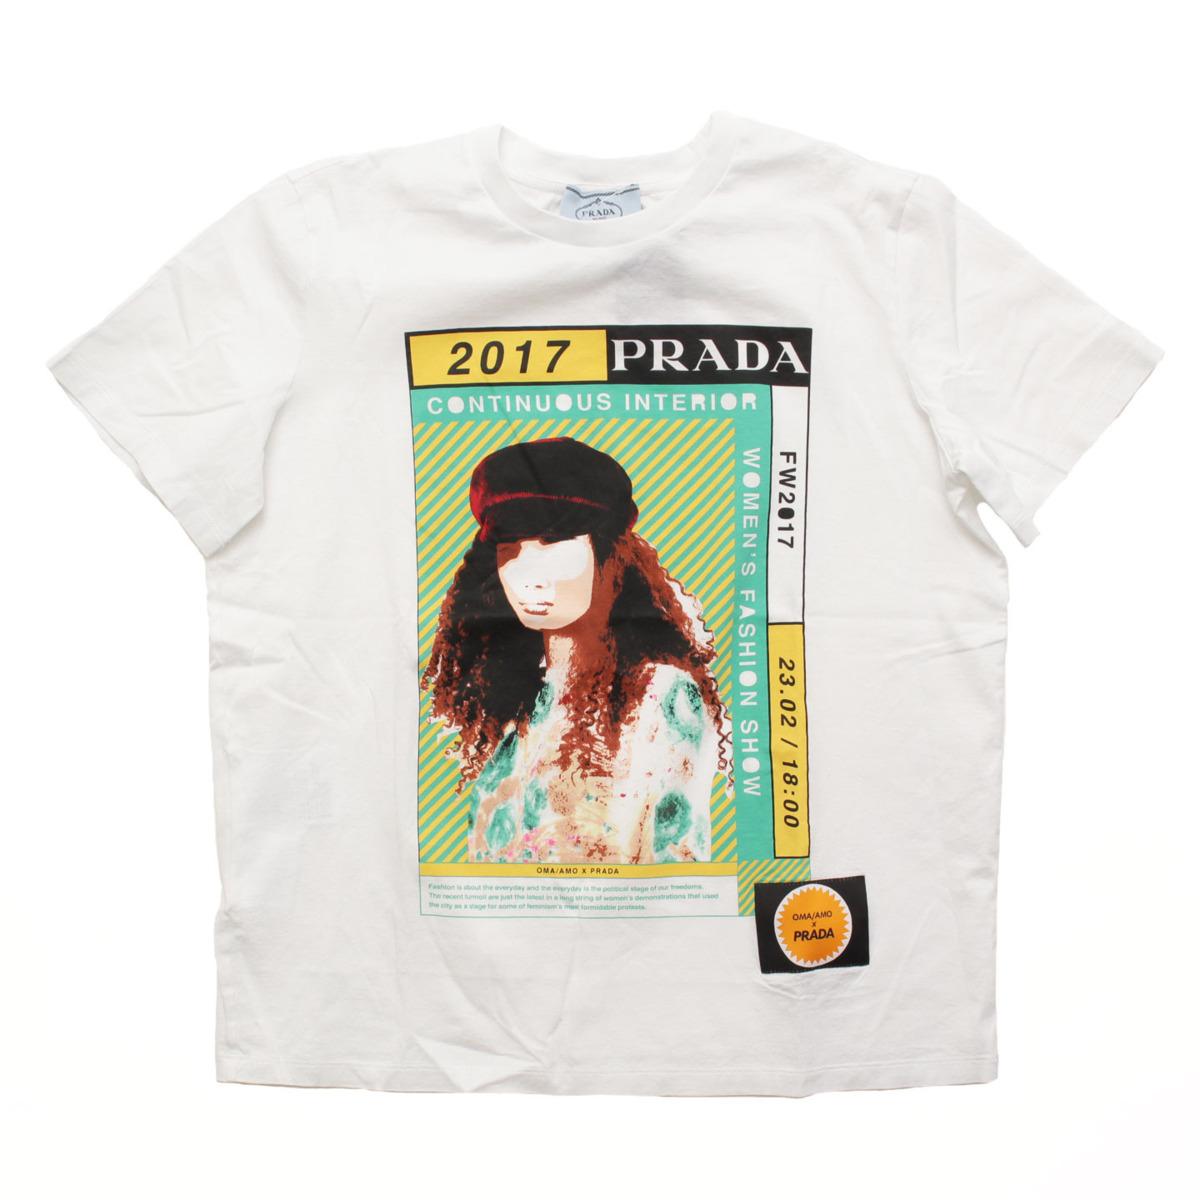 【プラダ】Prada 17AW Poster Girl プリント Tシャツ ホワイト M 【中古】【鑑定済・正規品保証】32760